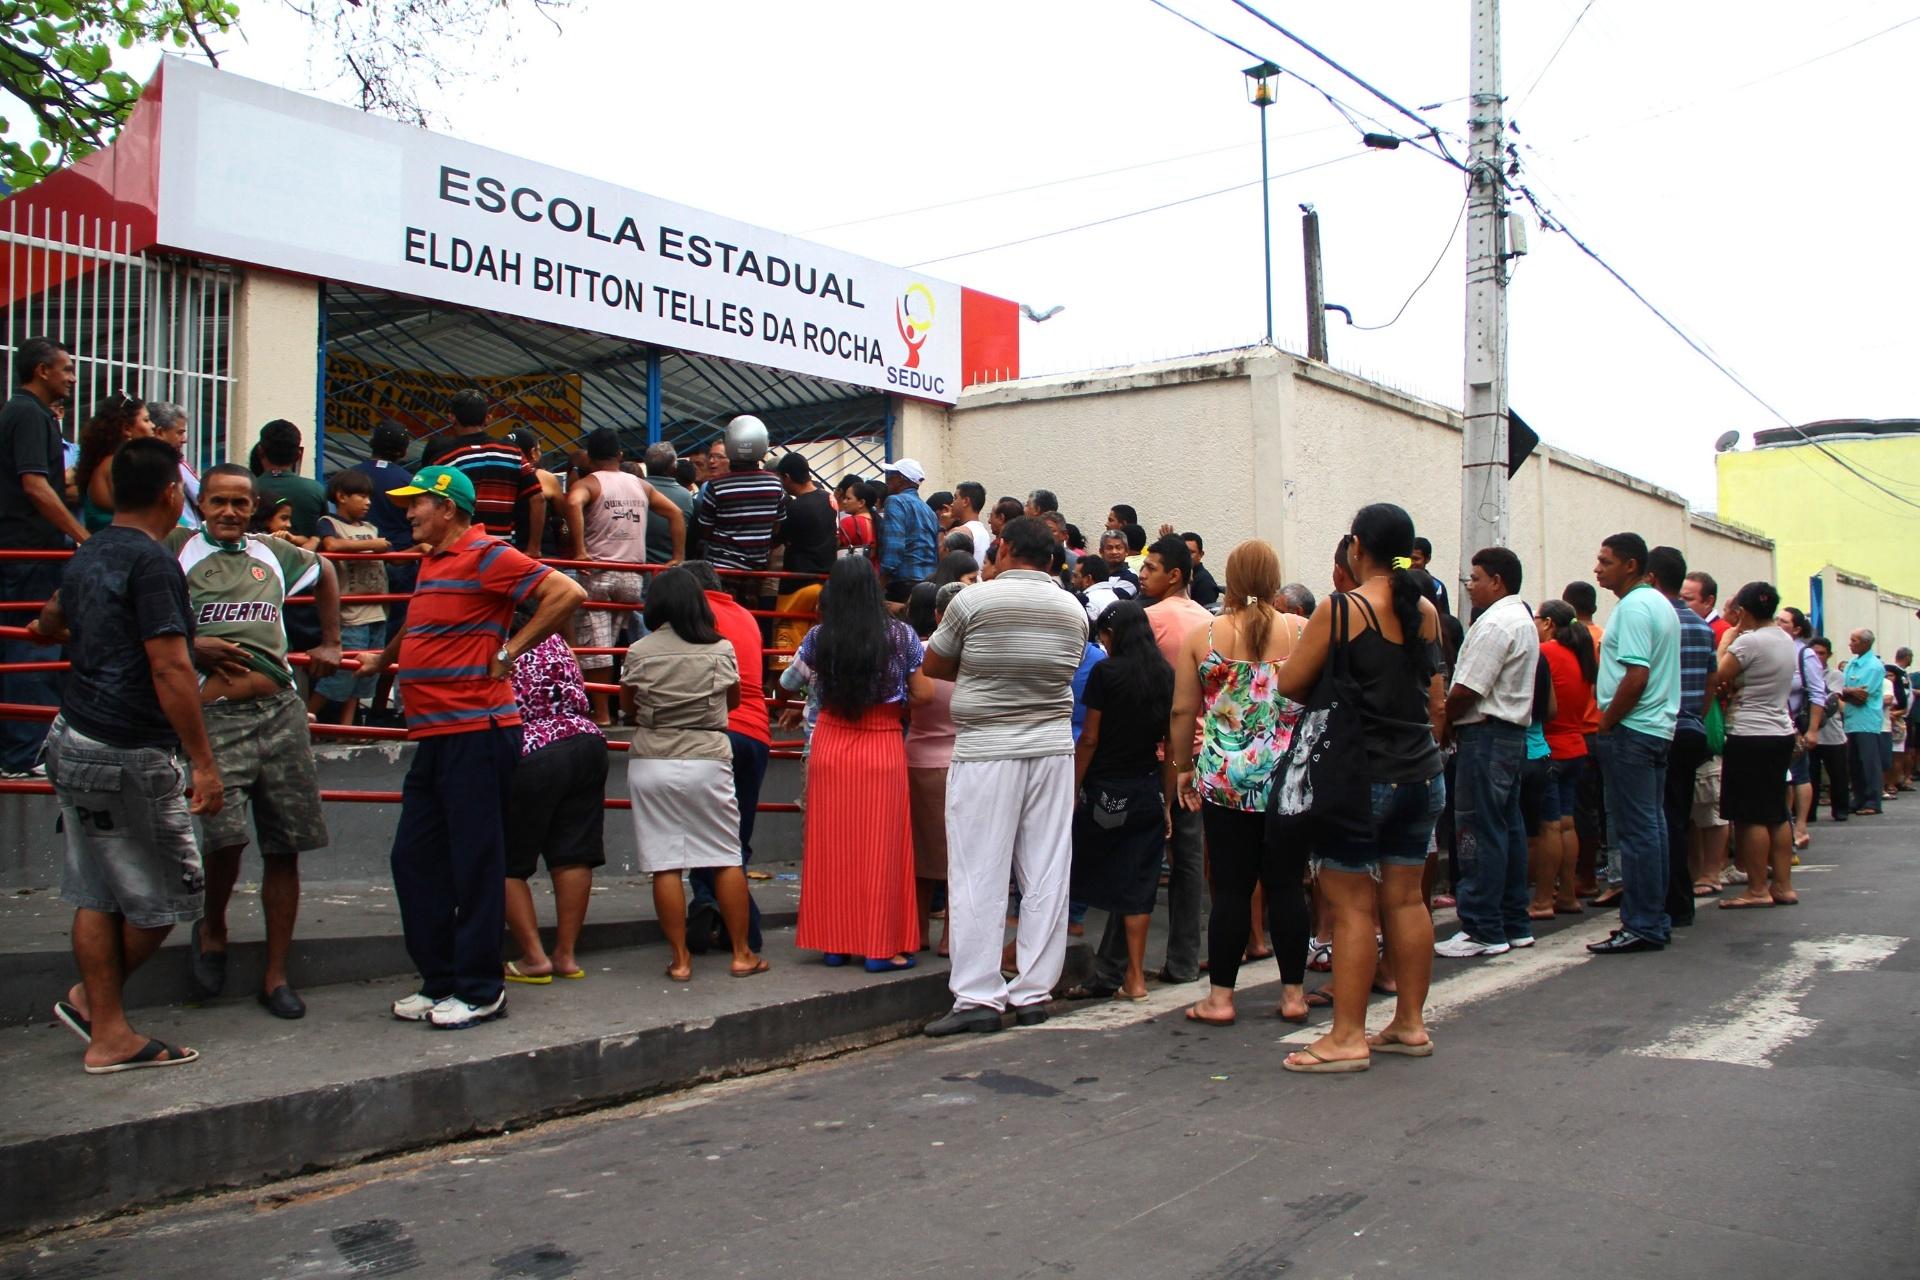 26.out.2014 - Eleitores fazem fila para votar no colégio Eldah Bitton Teles da Rocha, maior colégio eleitoral de Manaus (AM), onde votam cerca de 11 mil eleitores, na manhã deste domingo (26). A eleição começou com 2 horas de diferença em relação ao horário de Brasília, e, pela primeira vez na história do Estado, vai contar com uma disputa em segundo turno para governador